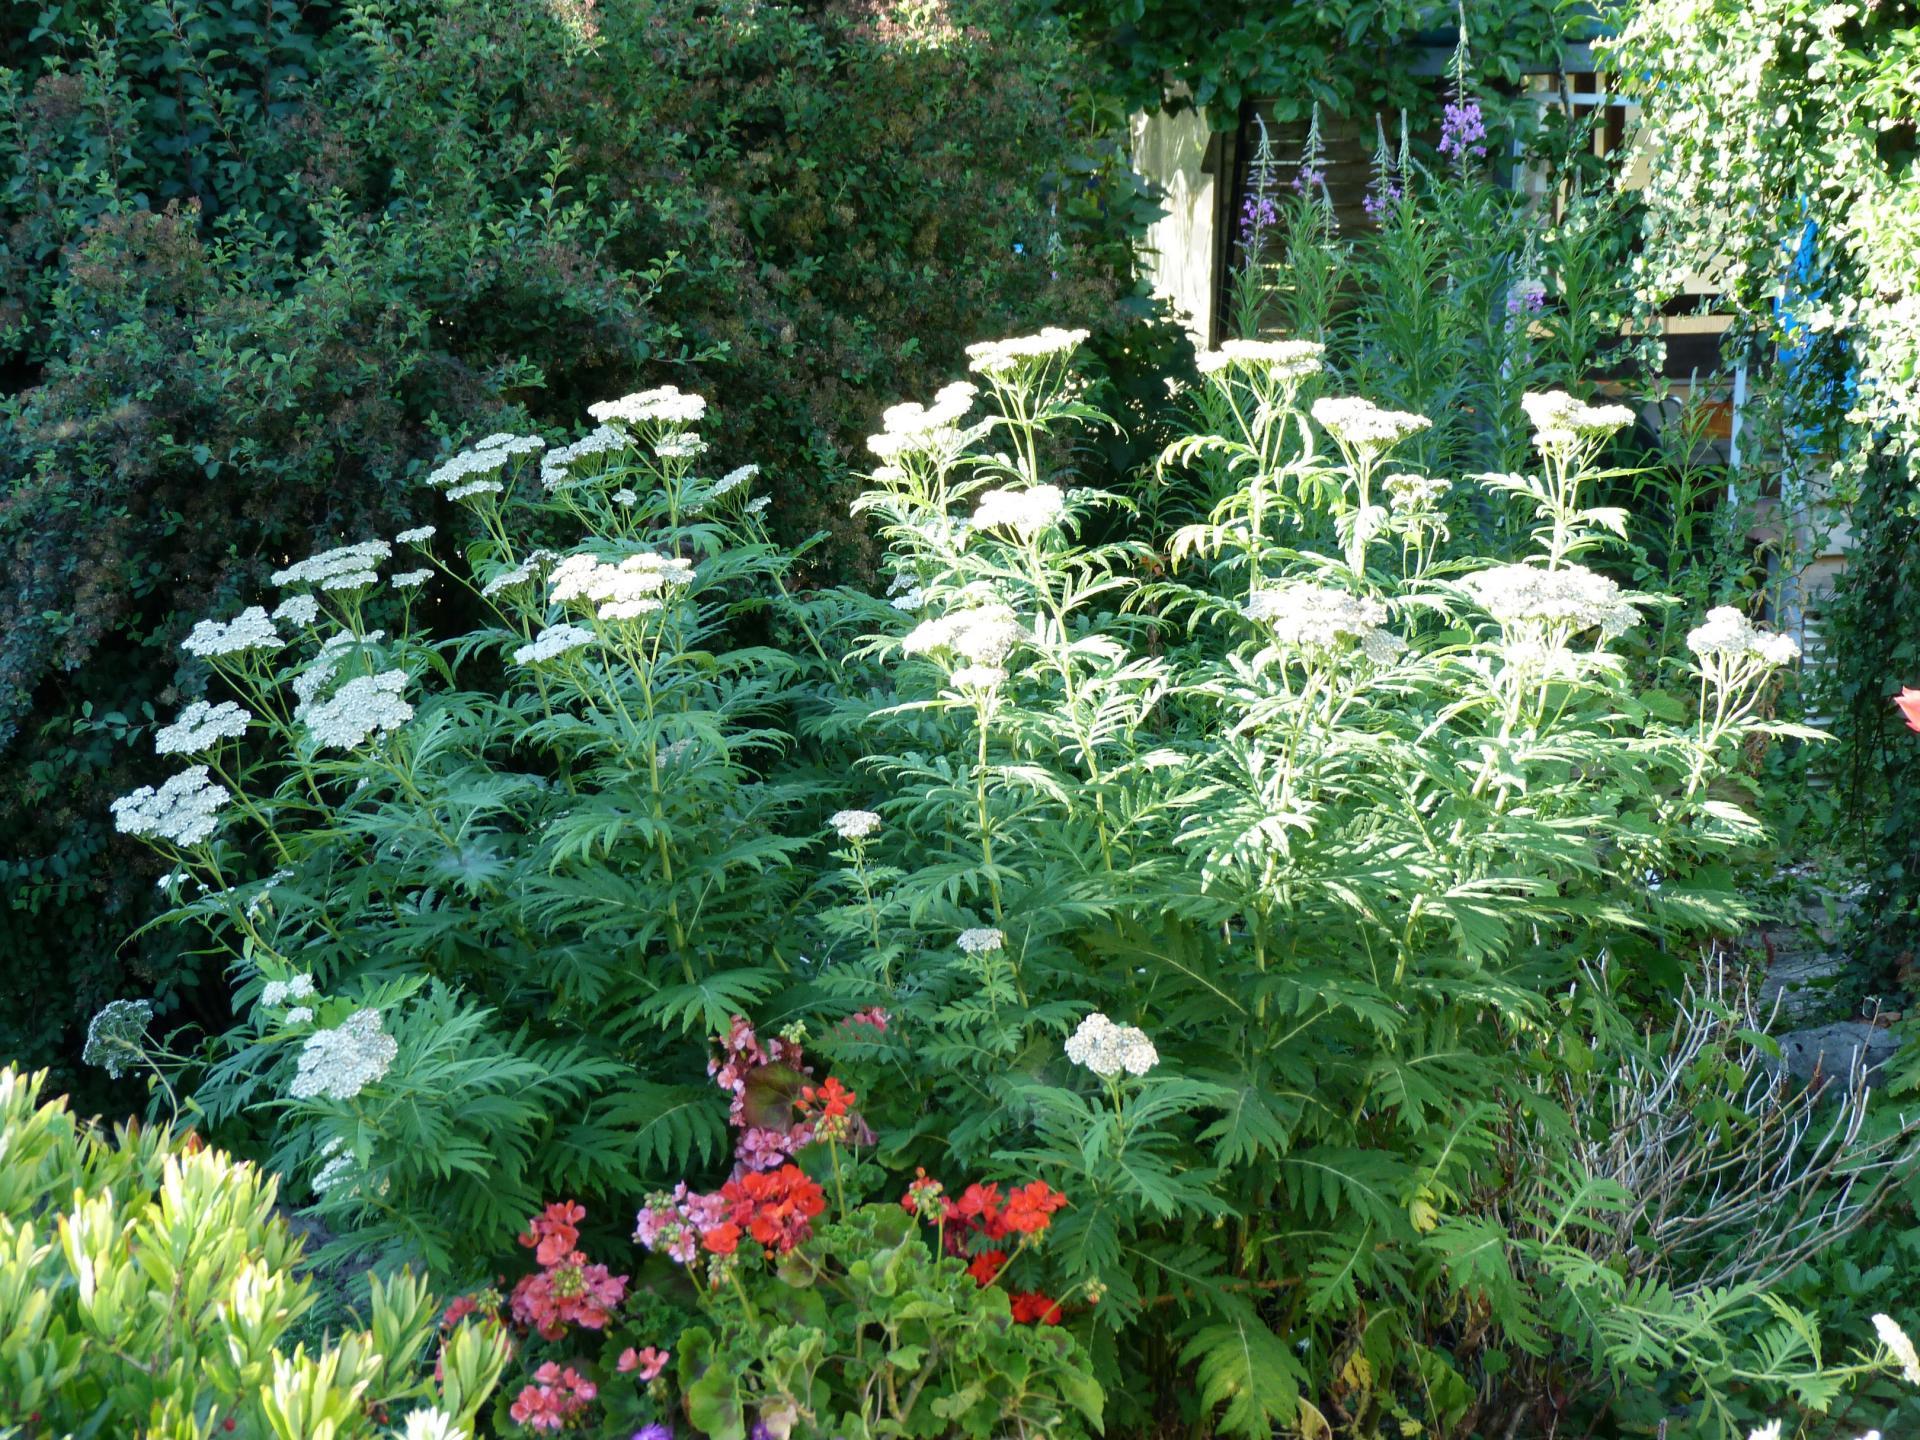 Jardinles especes achilleegrandesfeuilles 3